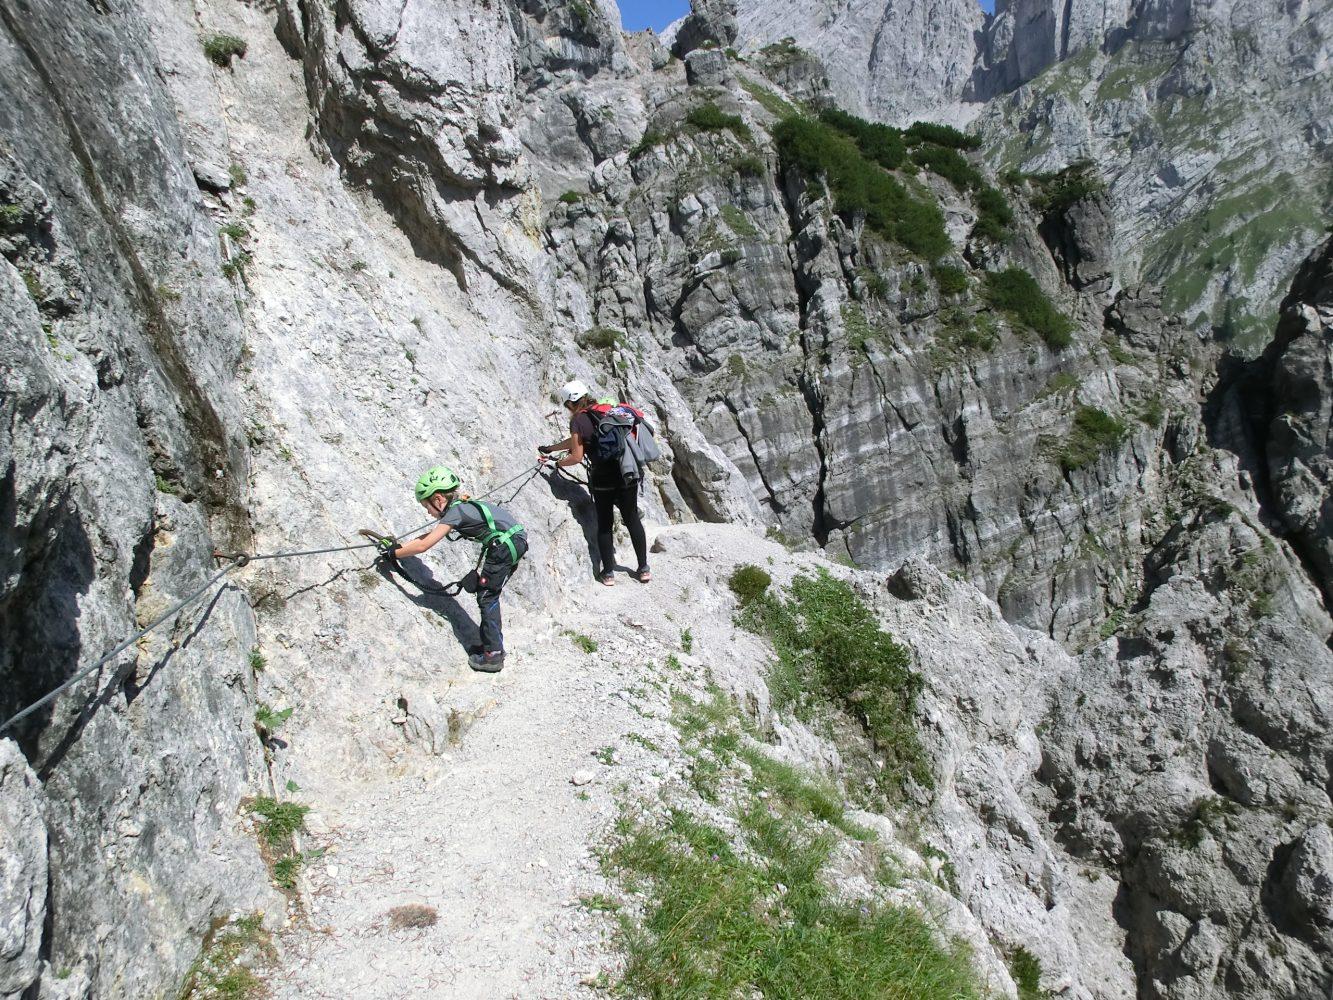 mit den Kids am Klettersteig zu gehen, ist mit kaum etwas anderem vergleichbar - Familie pur